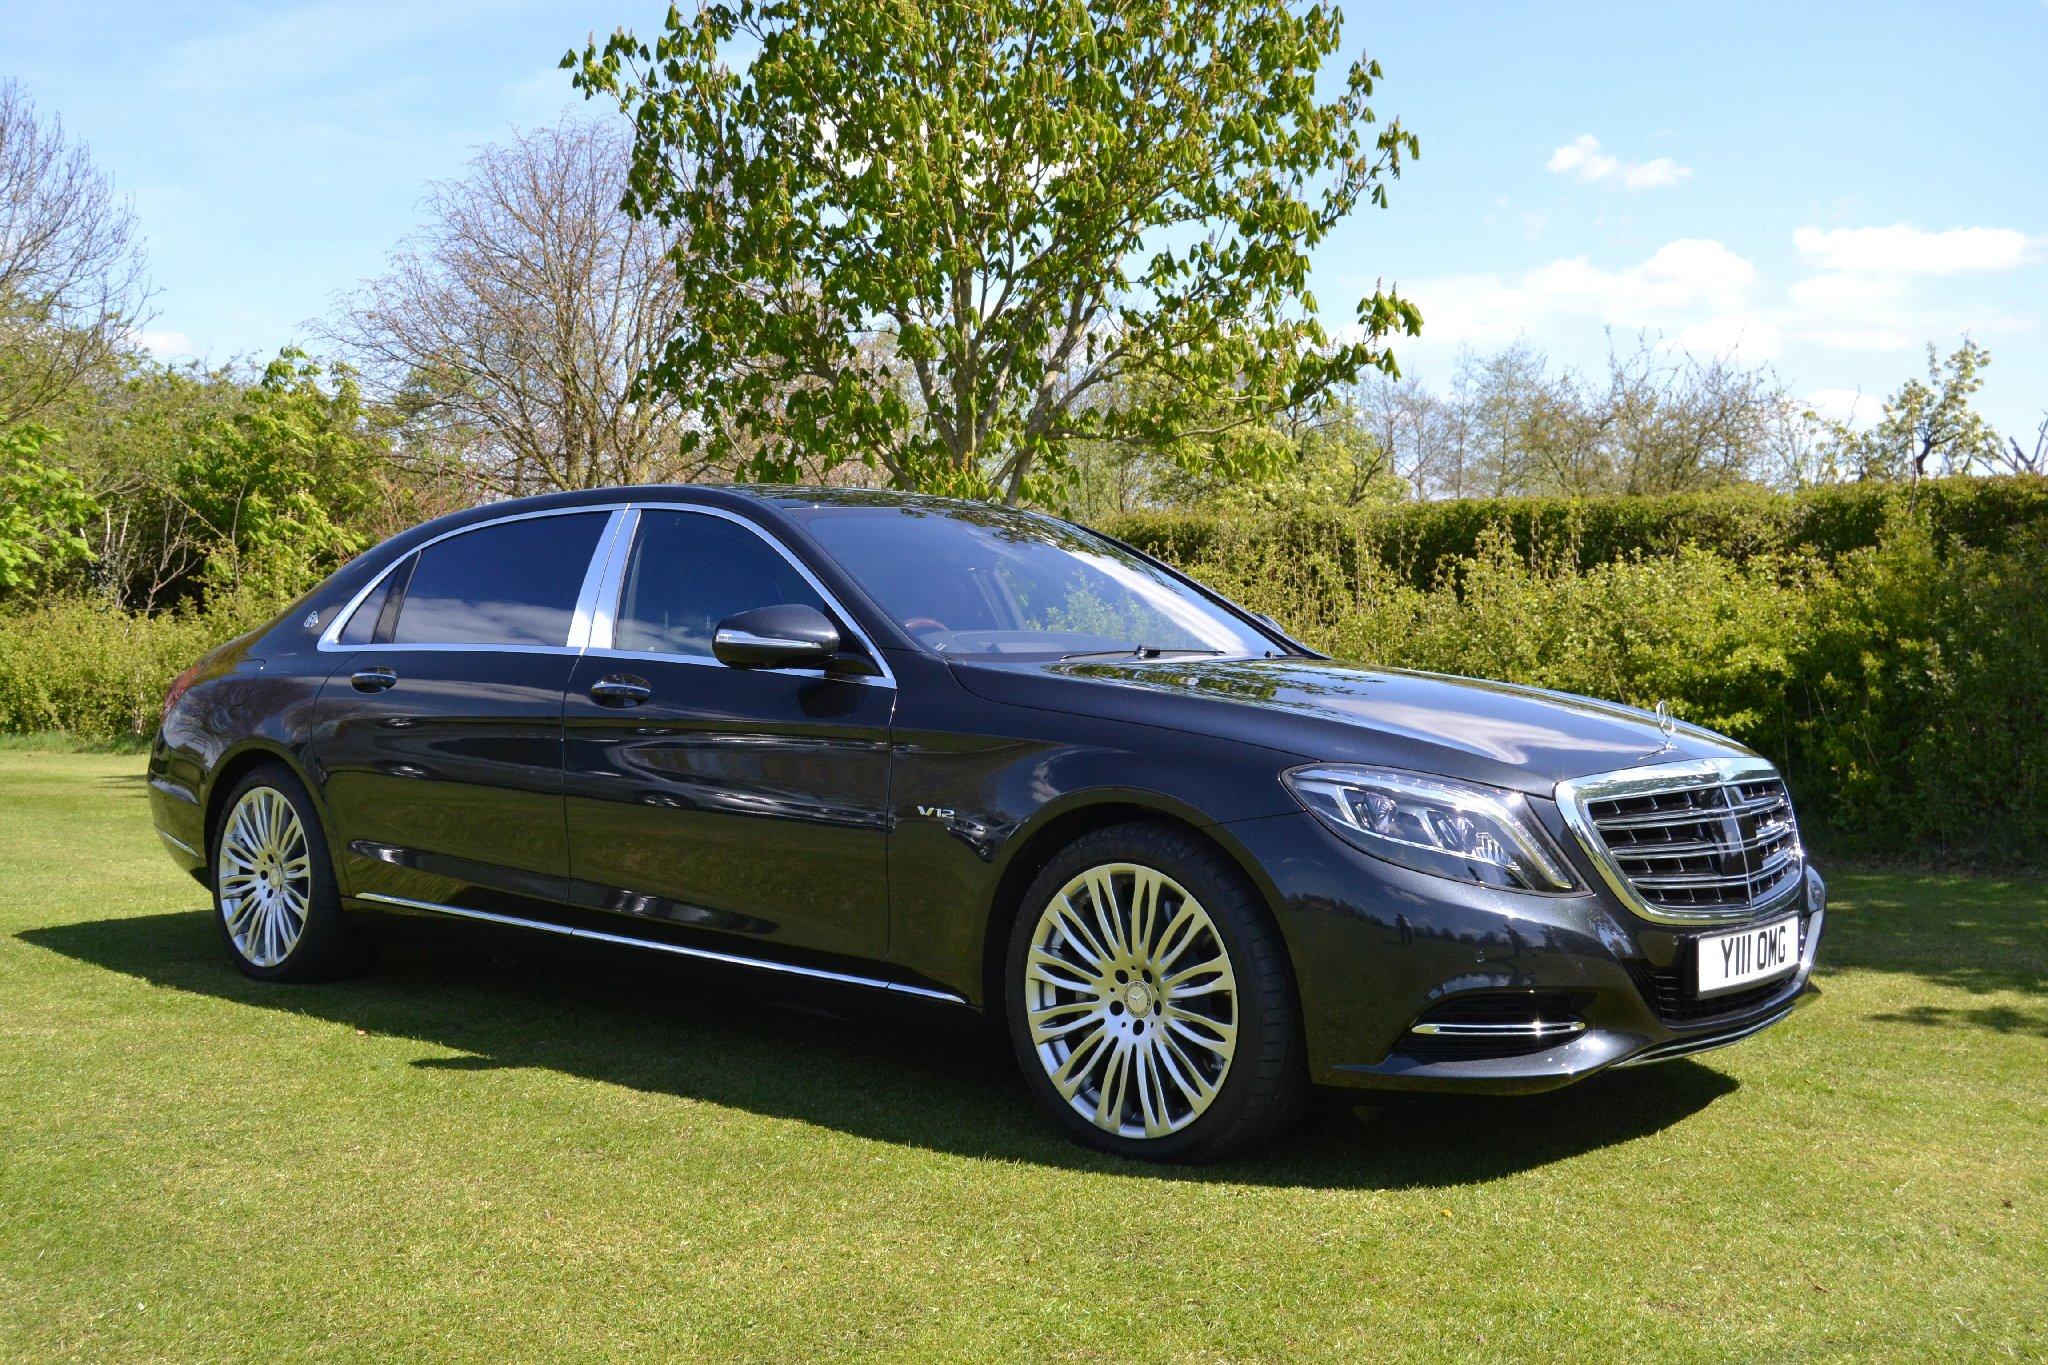 Budget Car Rental Cambridge Uk